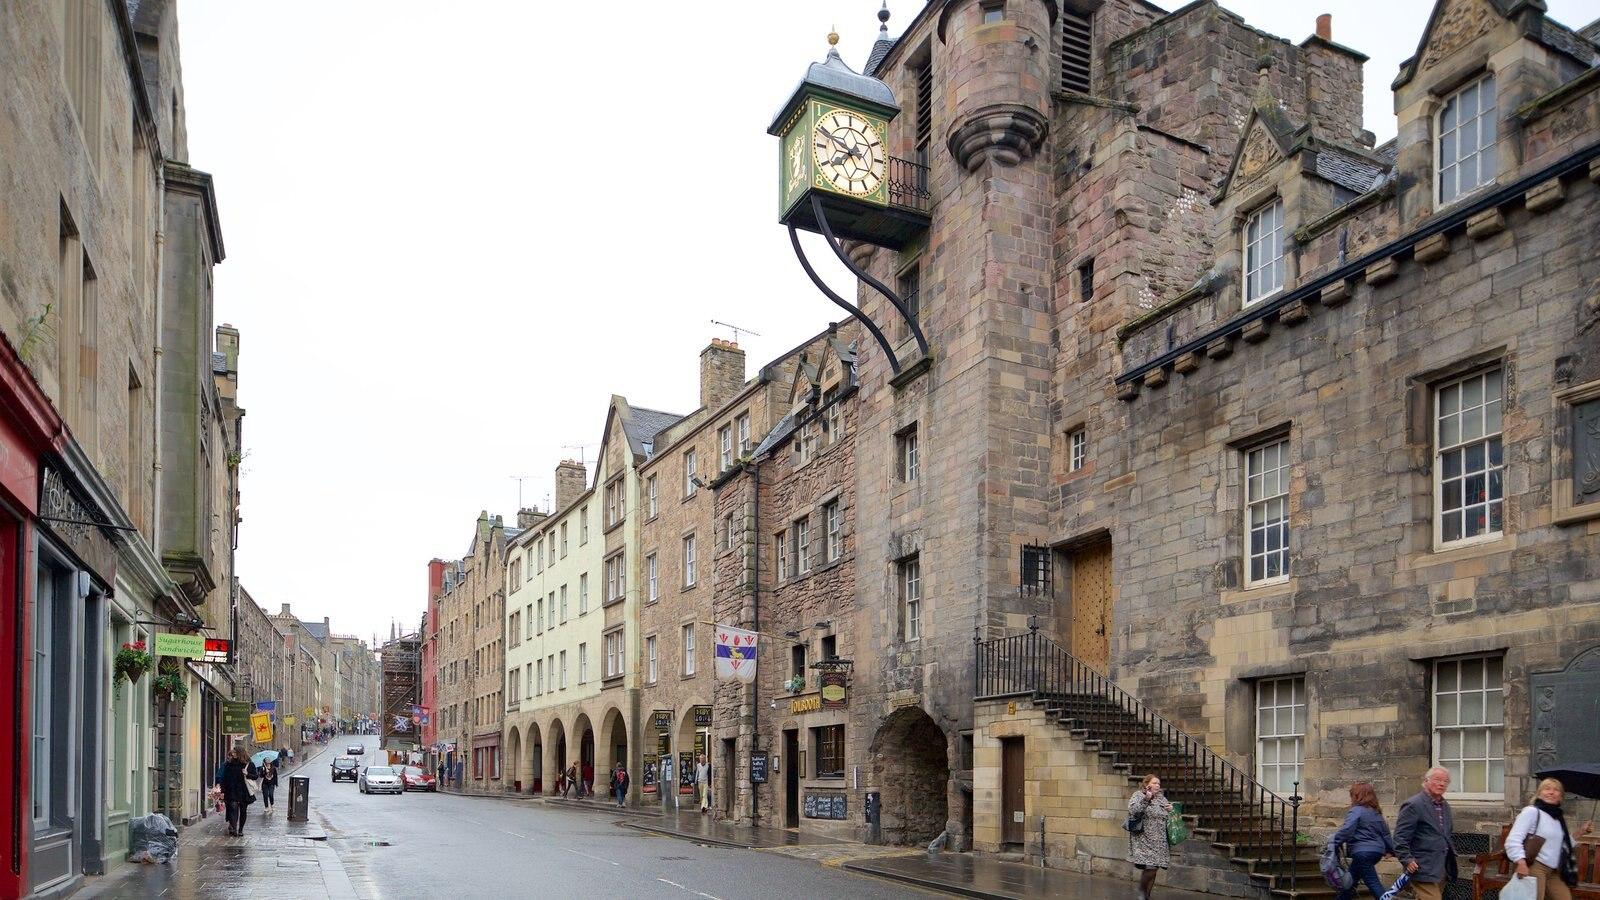 Old Town mostrando elementos del patrimonio y escenas urbanas